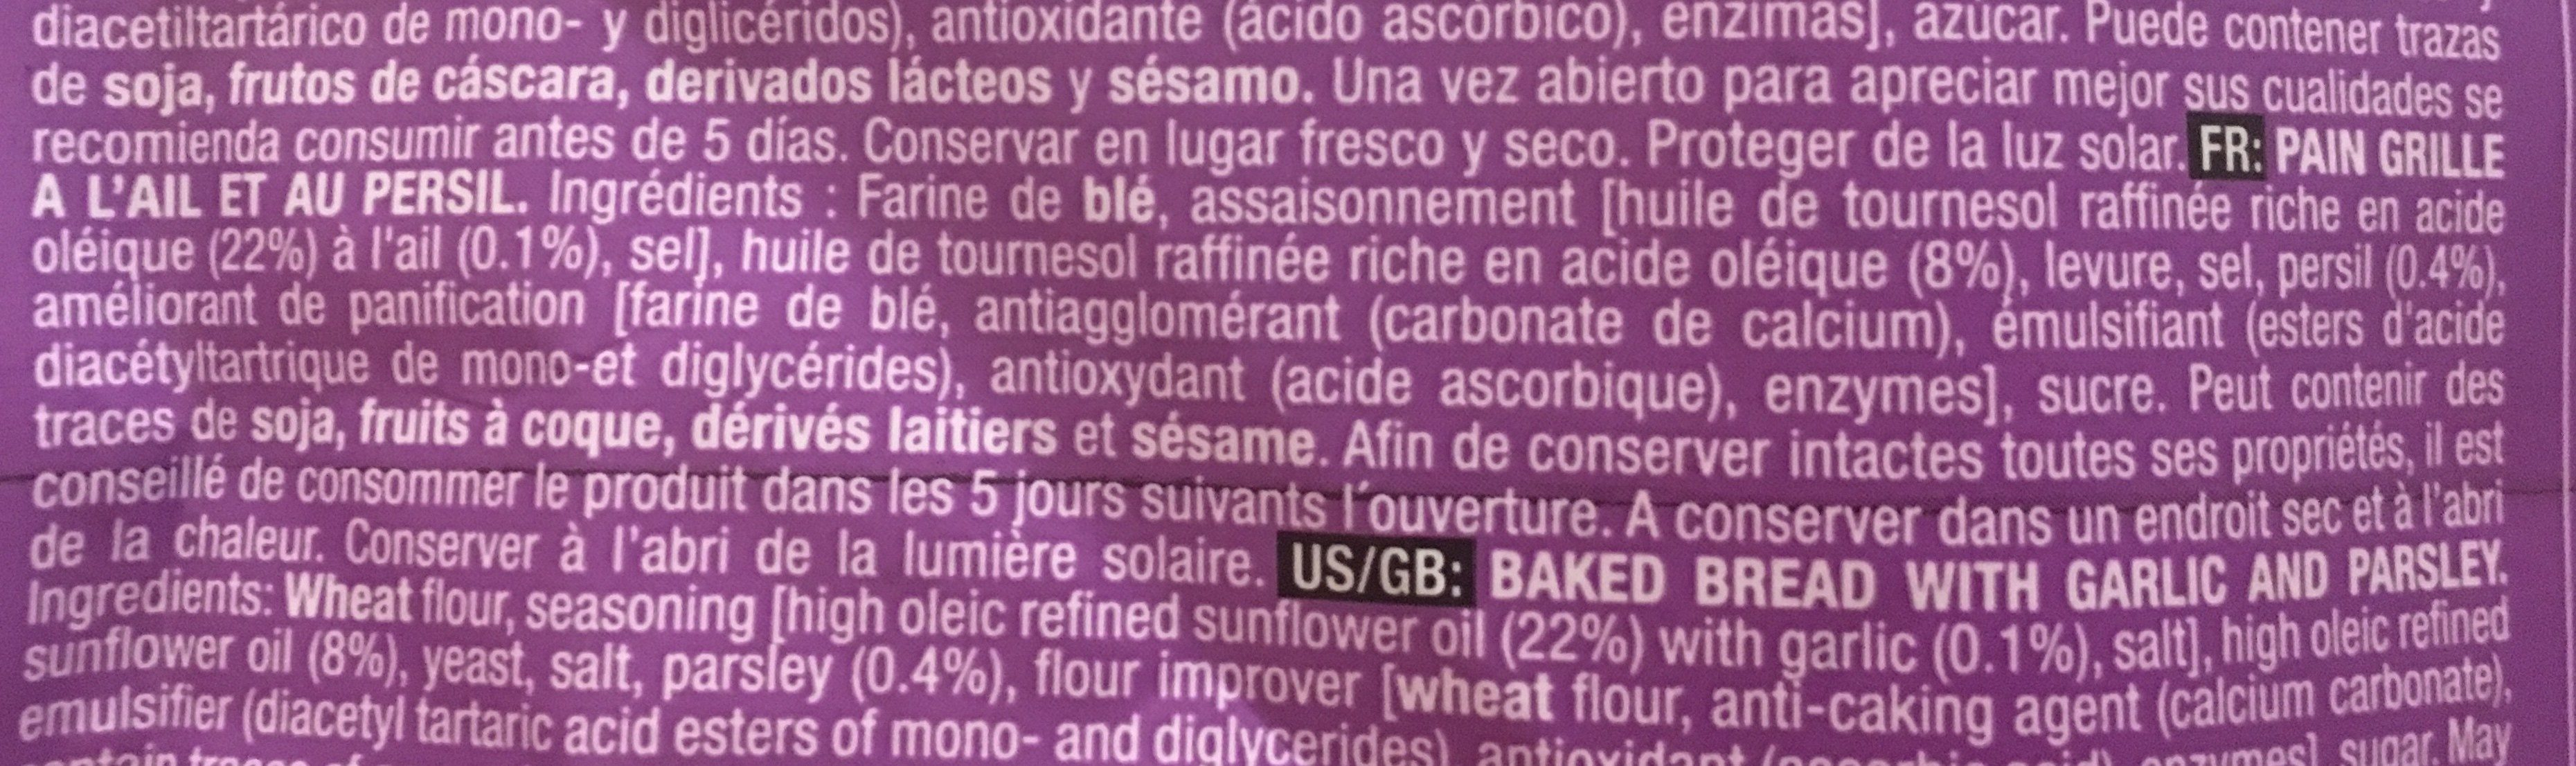 Pan con ajo garlic bread - Ingredients